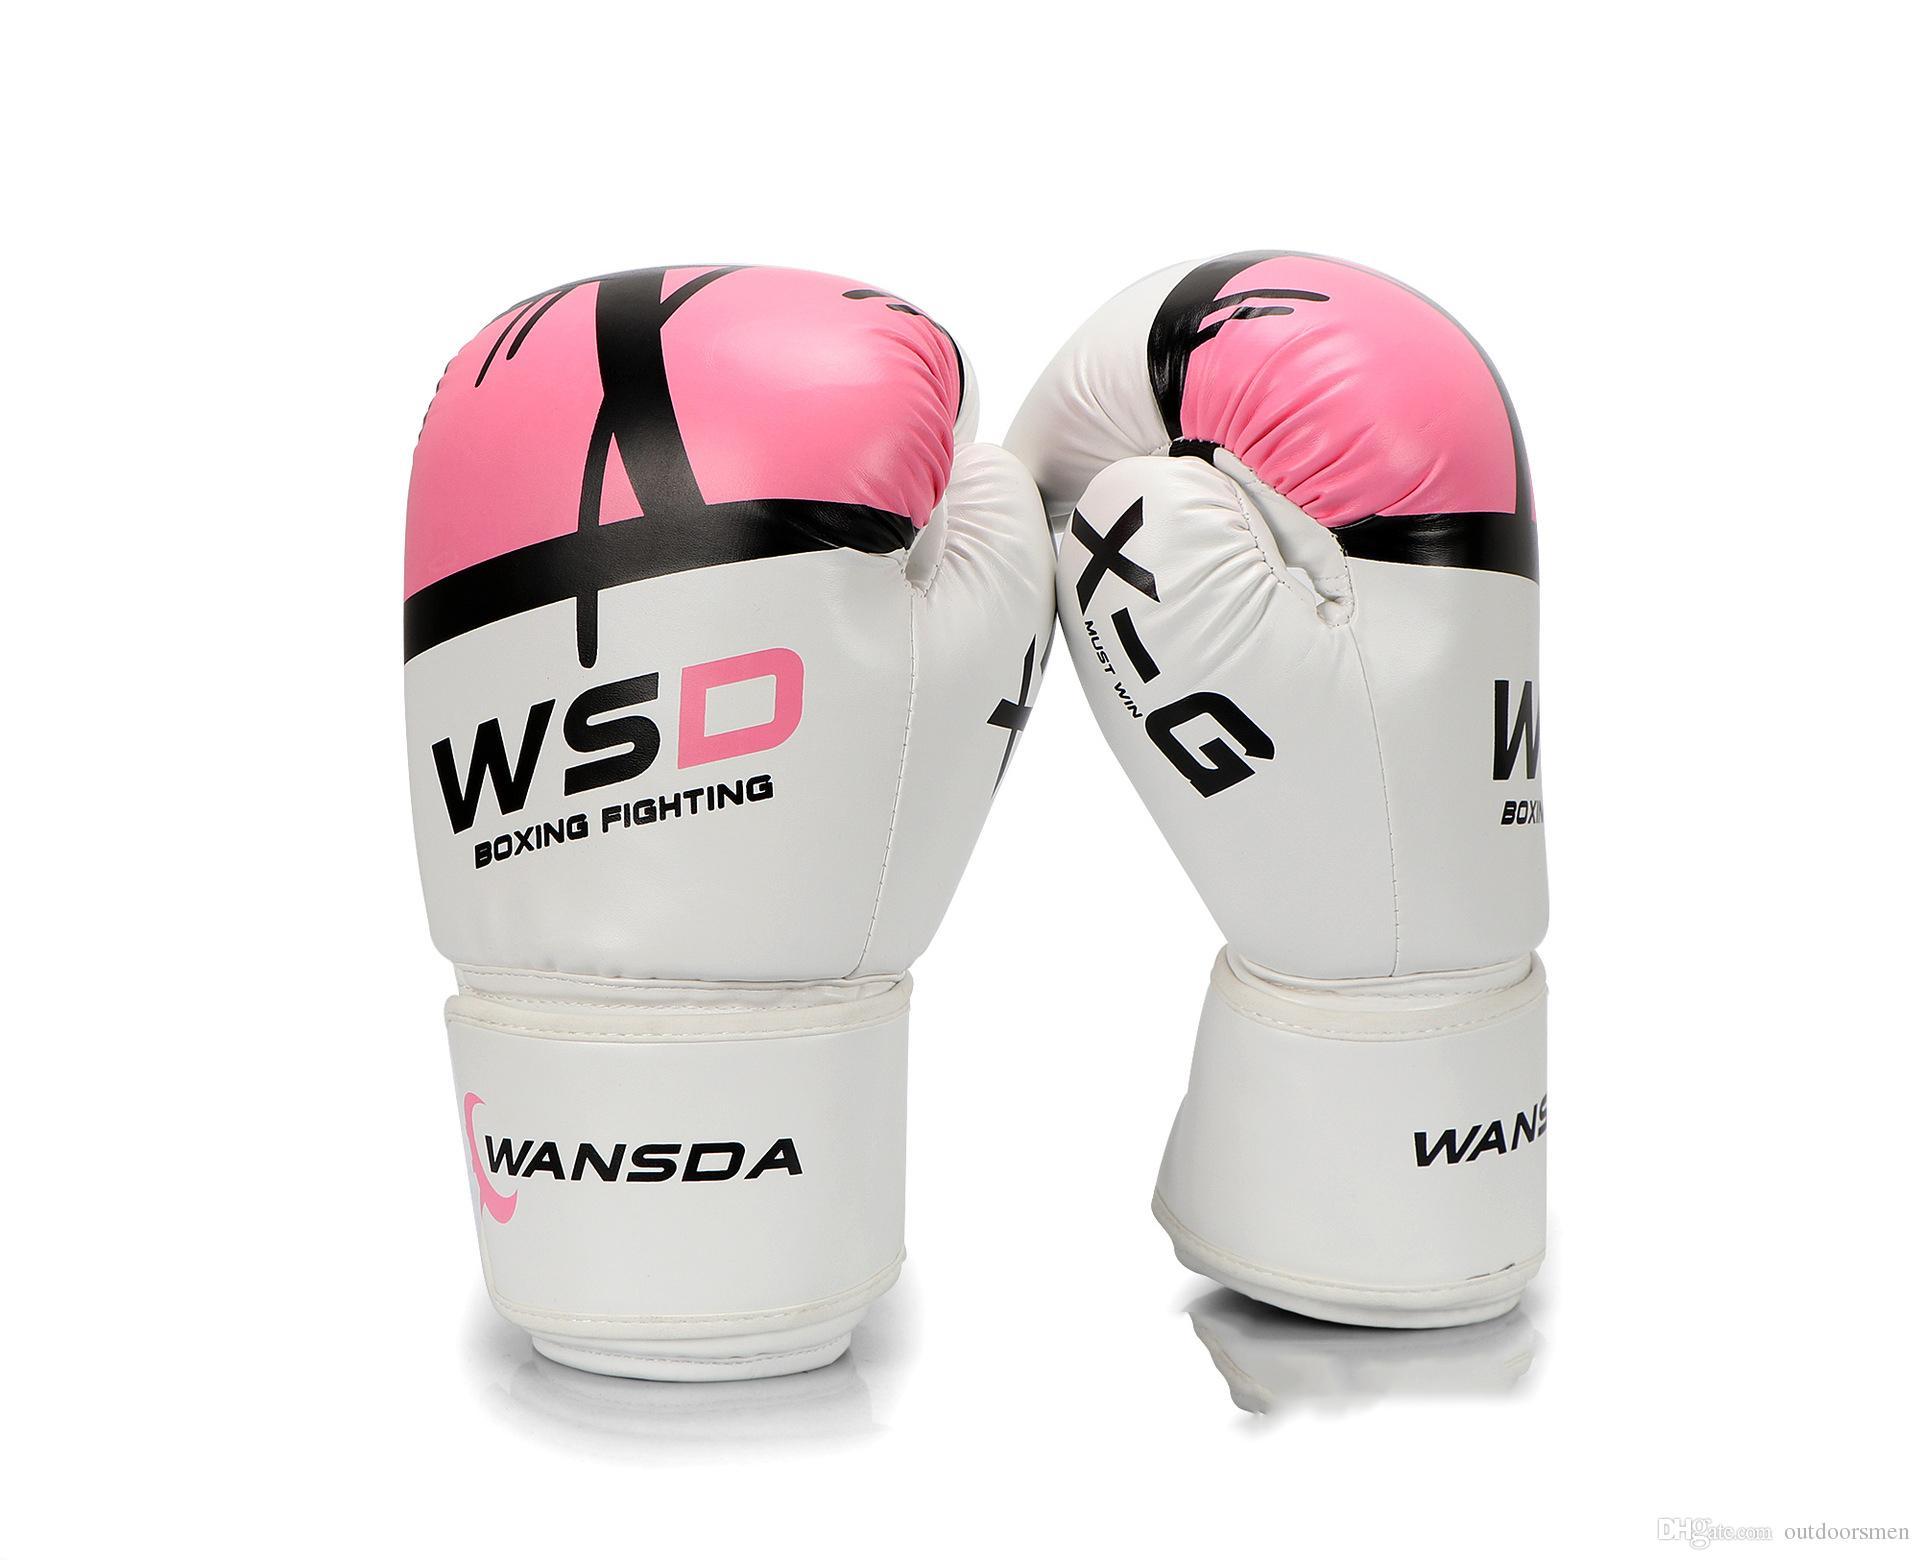 0a2b28cad Compre Luvas De Boxe De Alta Qualidade Adultos Luvas De Boxe MMA Muay Thai  De Luva Luva Equipamentos 6 8 10 12 OZ Rosa Luva De Boxe Para As Mulheres  De ...